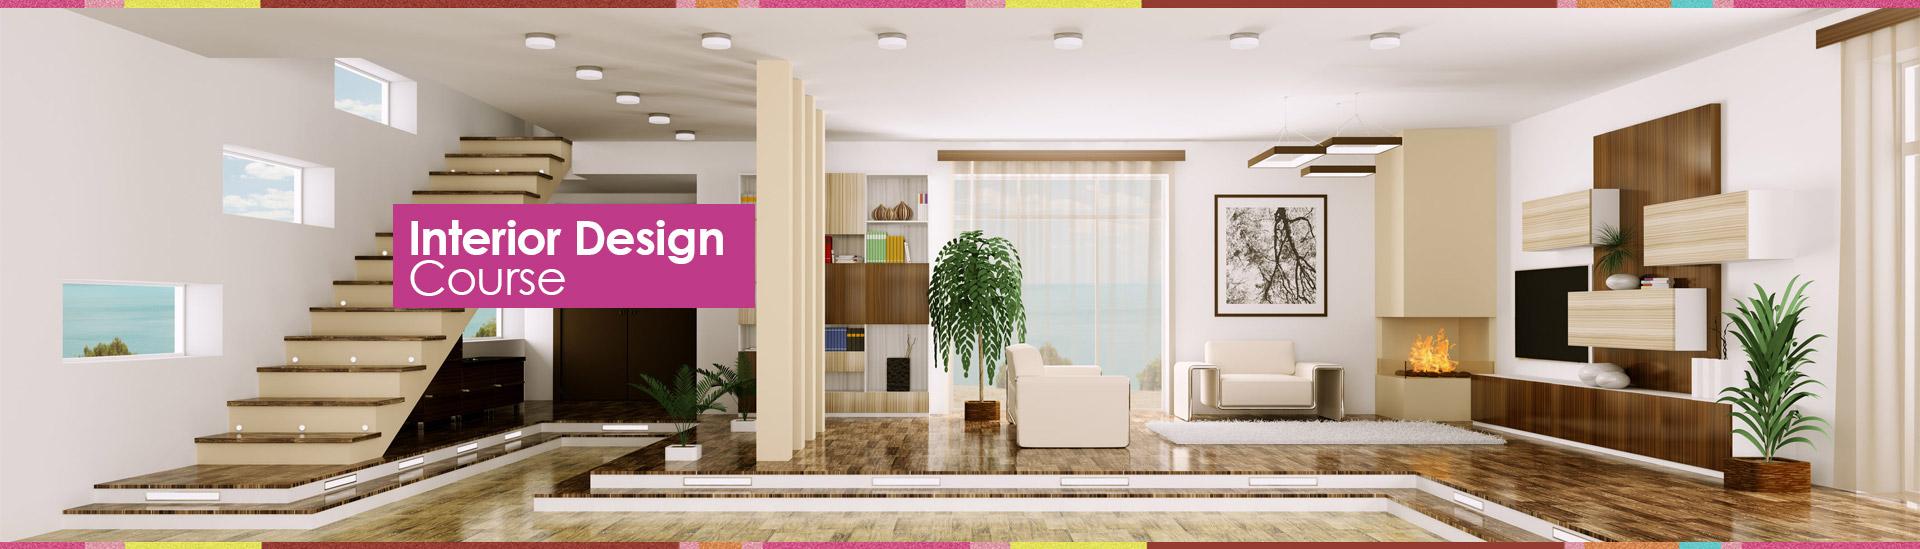 Best Interior Design Institute In New Delhi Top Institutes Of